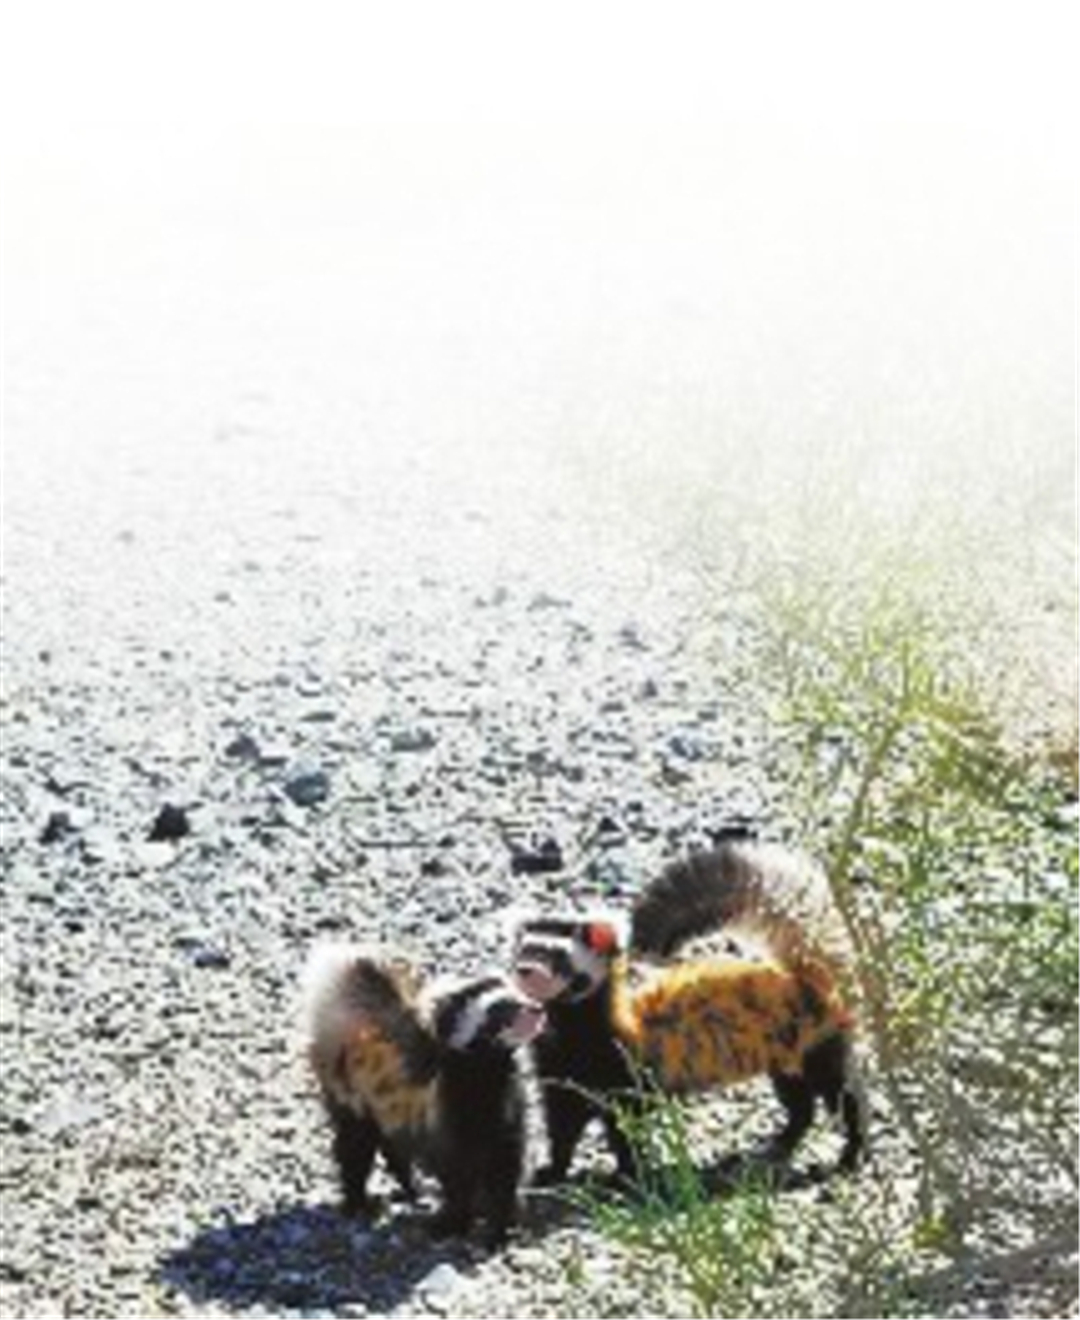 新疆沙漠现捕鼠高手,身披虎皮长相似鼬,循鼠迹入洞把老鼠一锅端